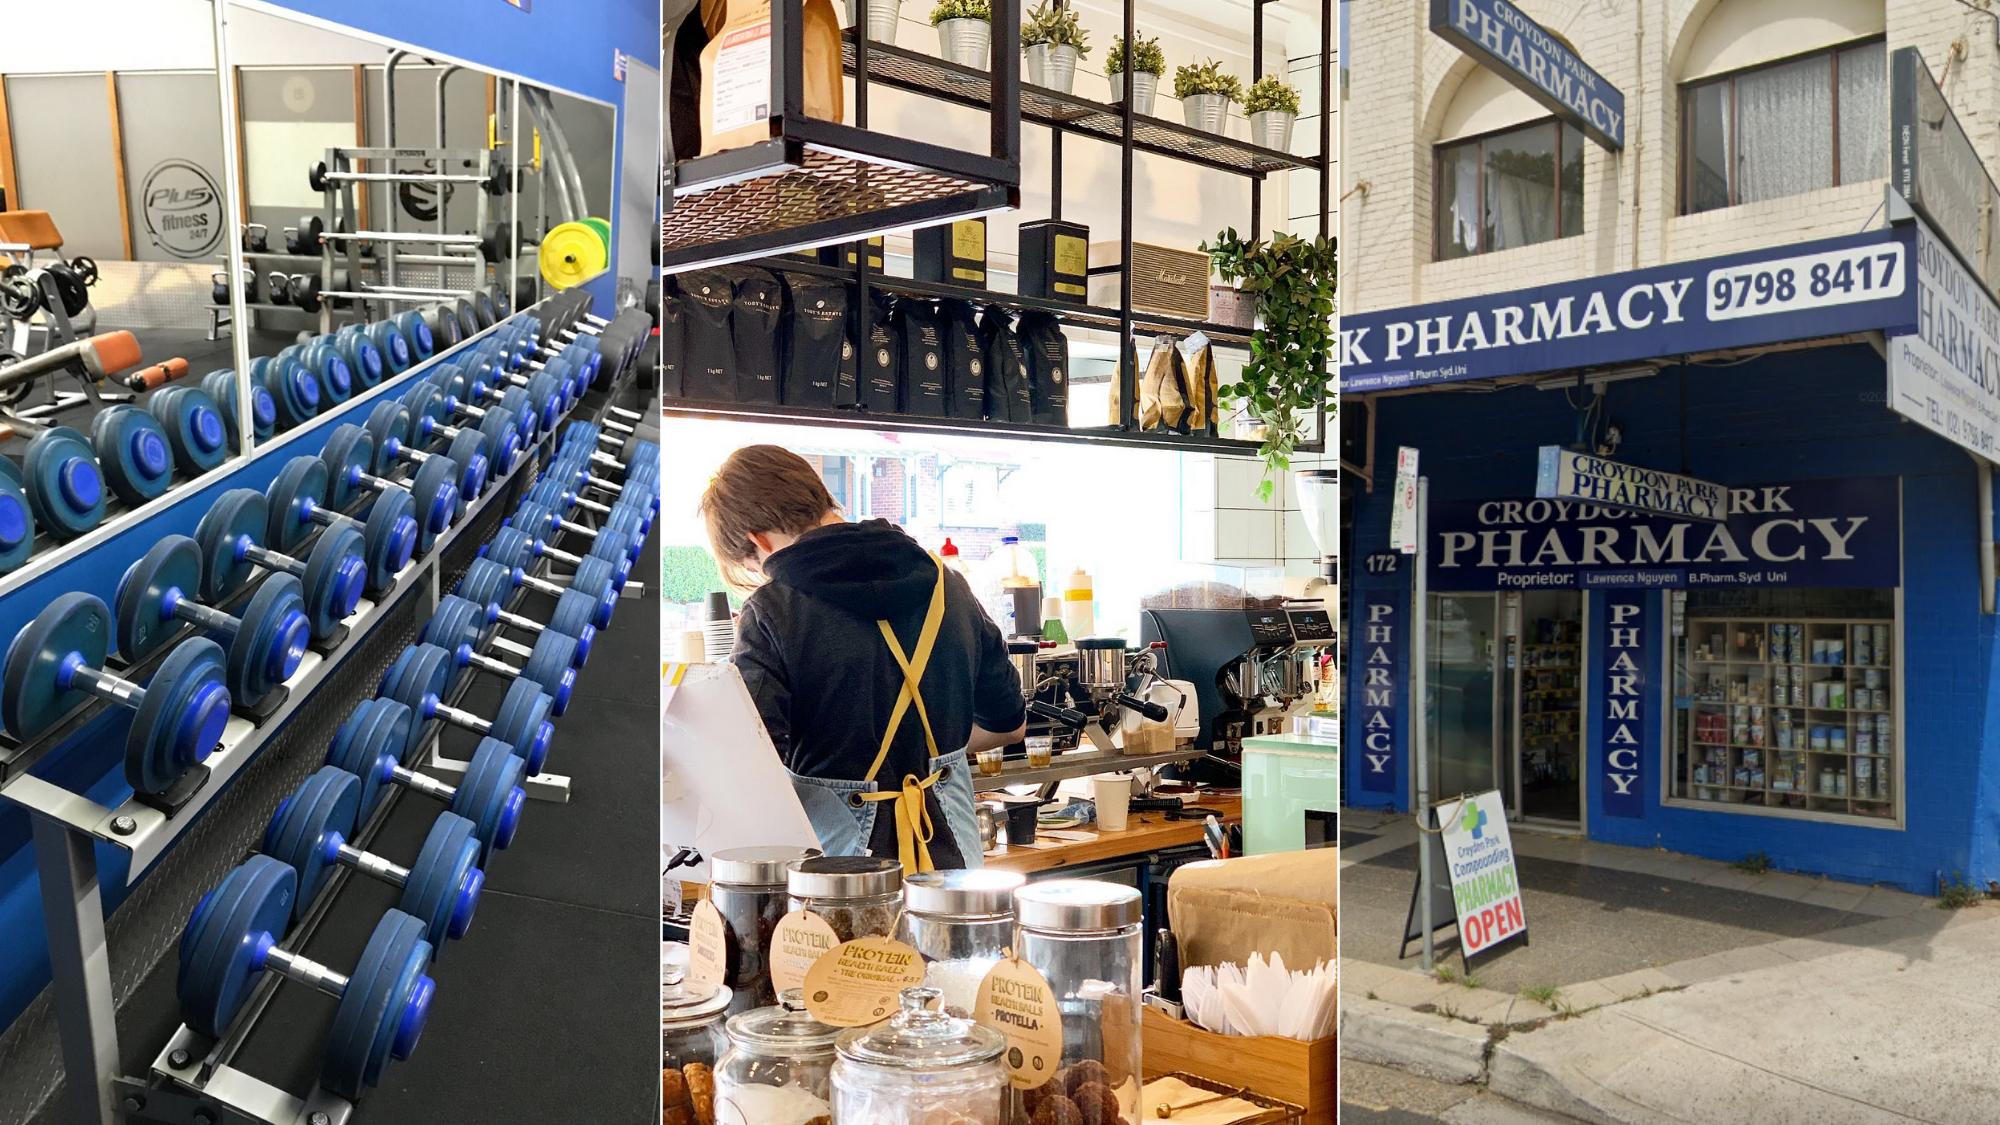 کافه، ورزشگاه و داروخانه در لیست جدید هشدار کووید- 19 در سیدنی